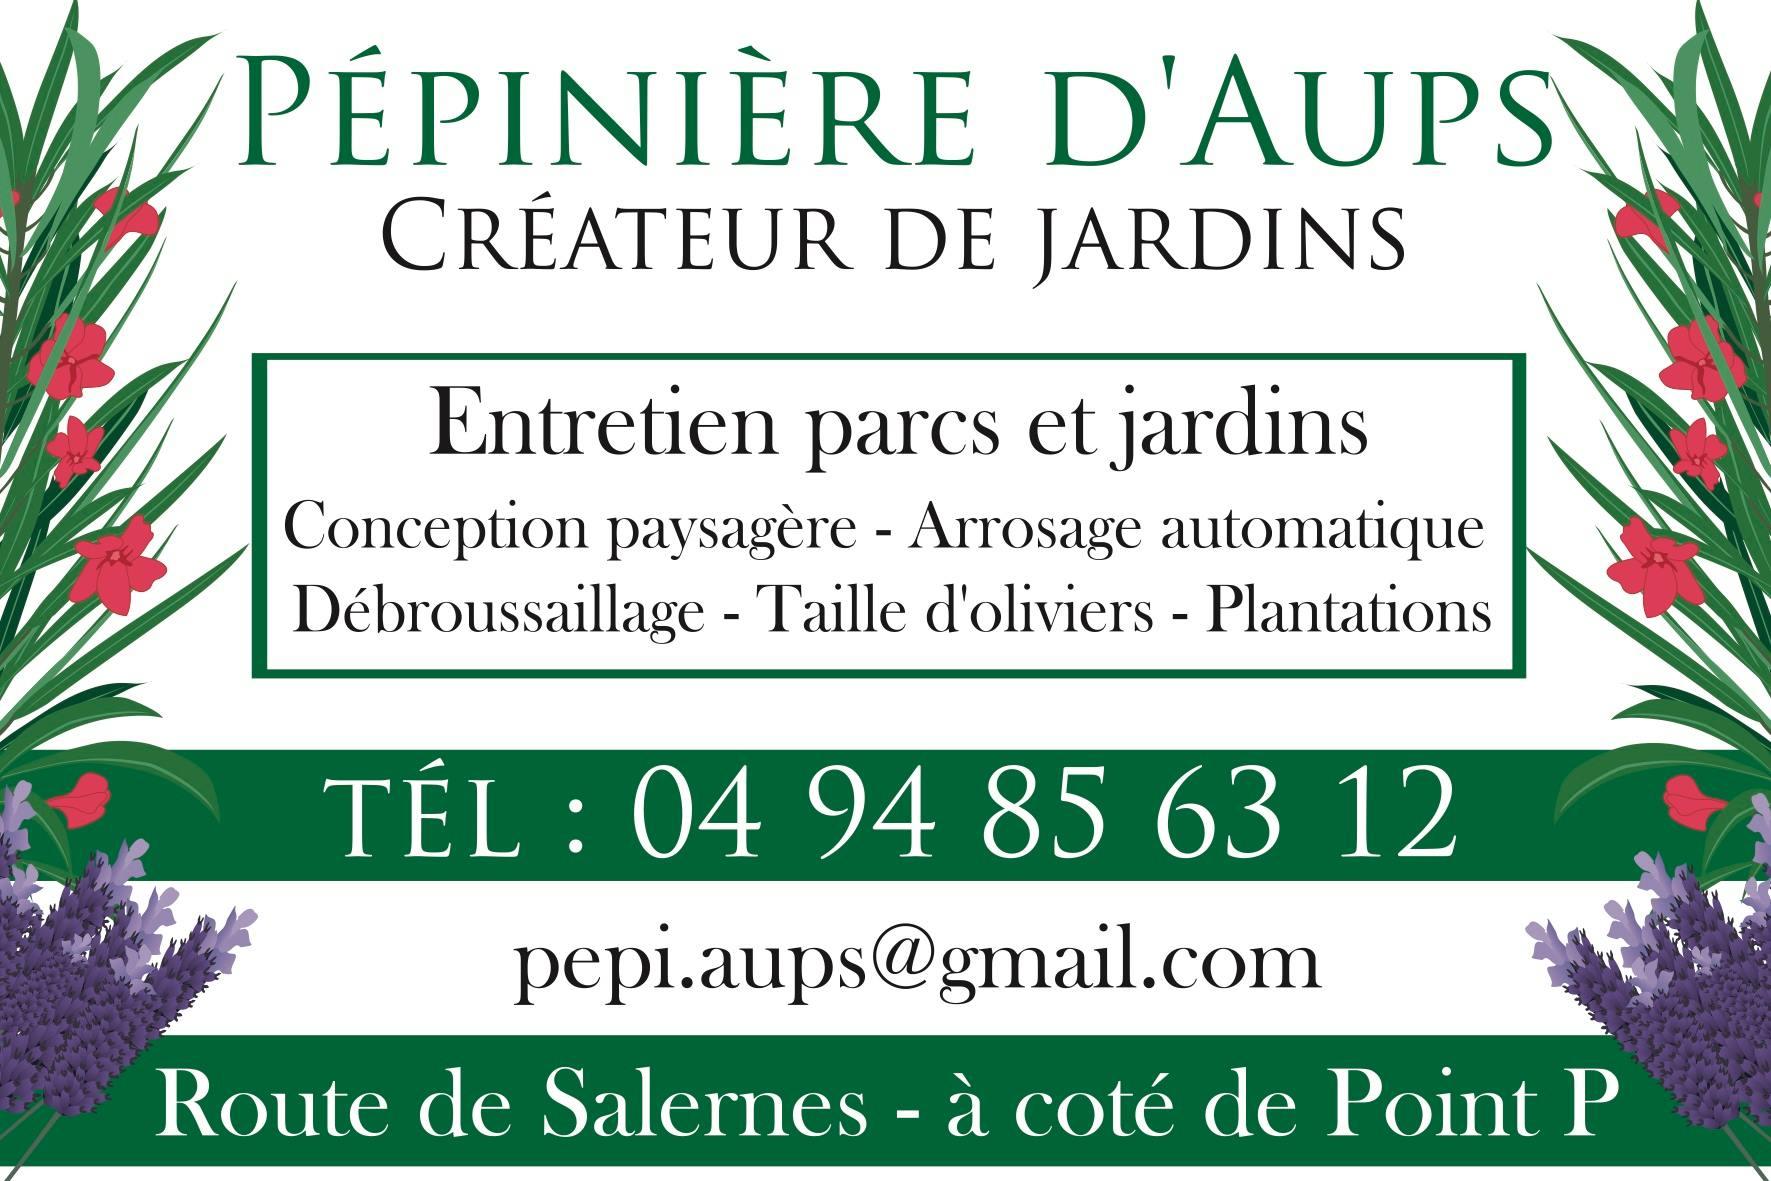 Photo Pépinière d'Aups